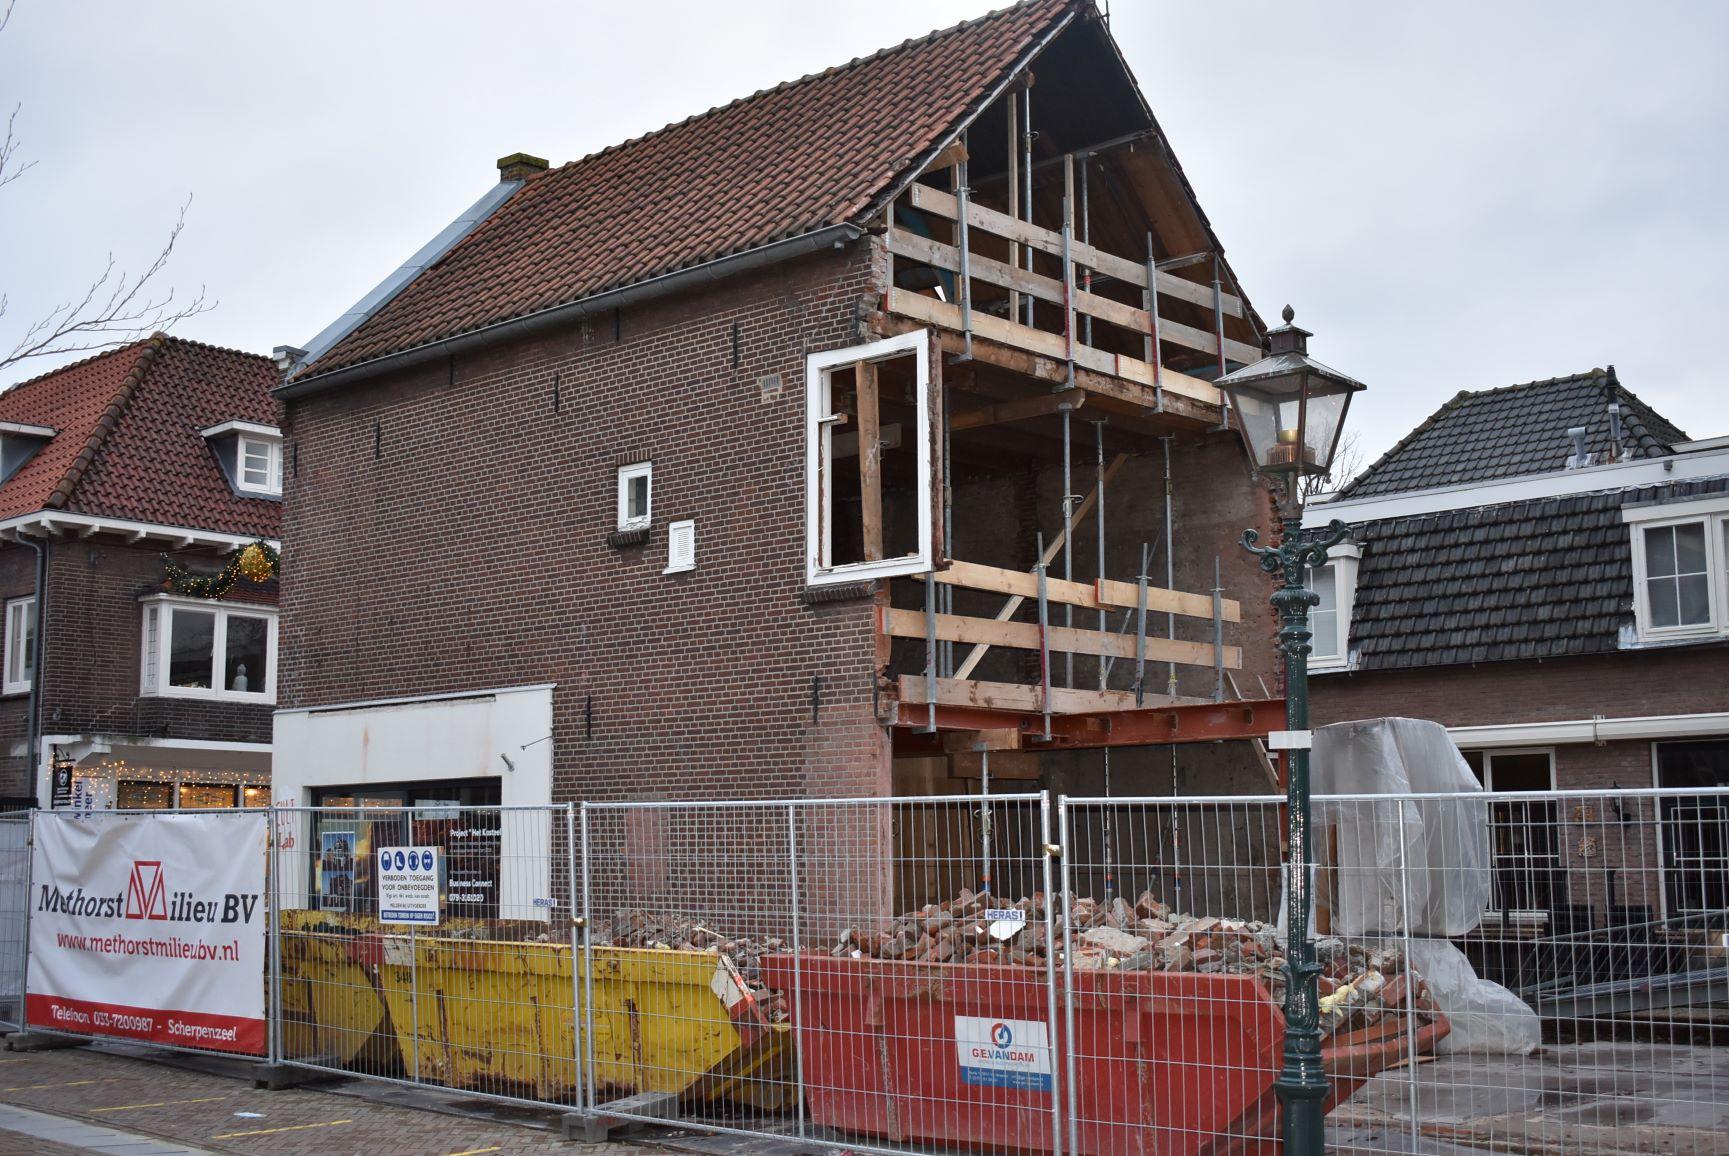 Dorpsstraat 110 Zoetermeer